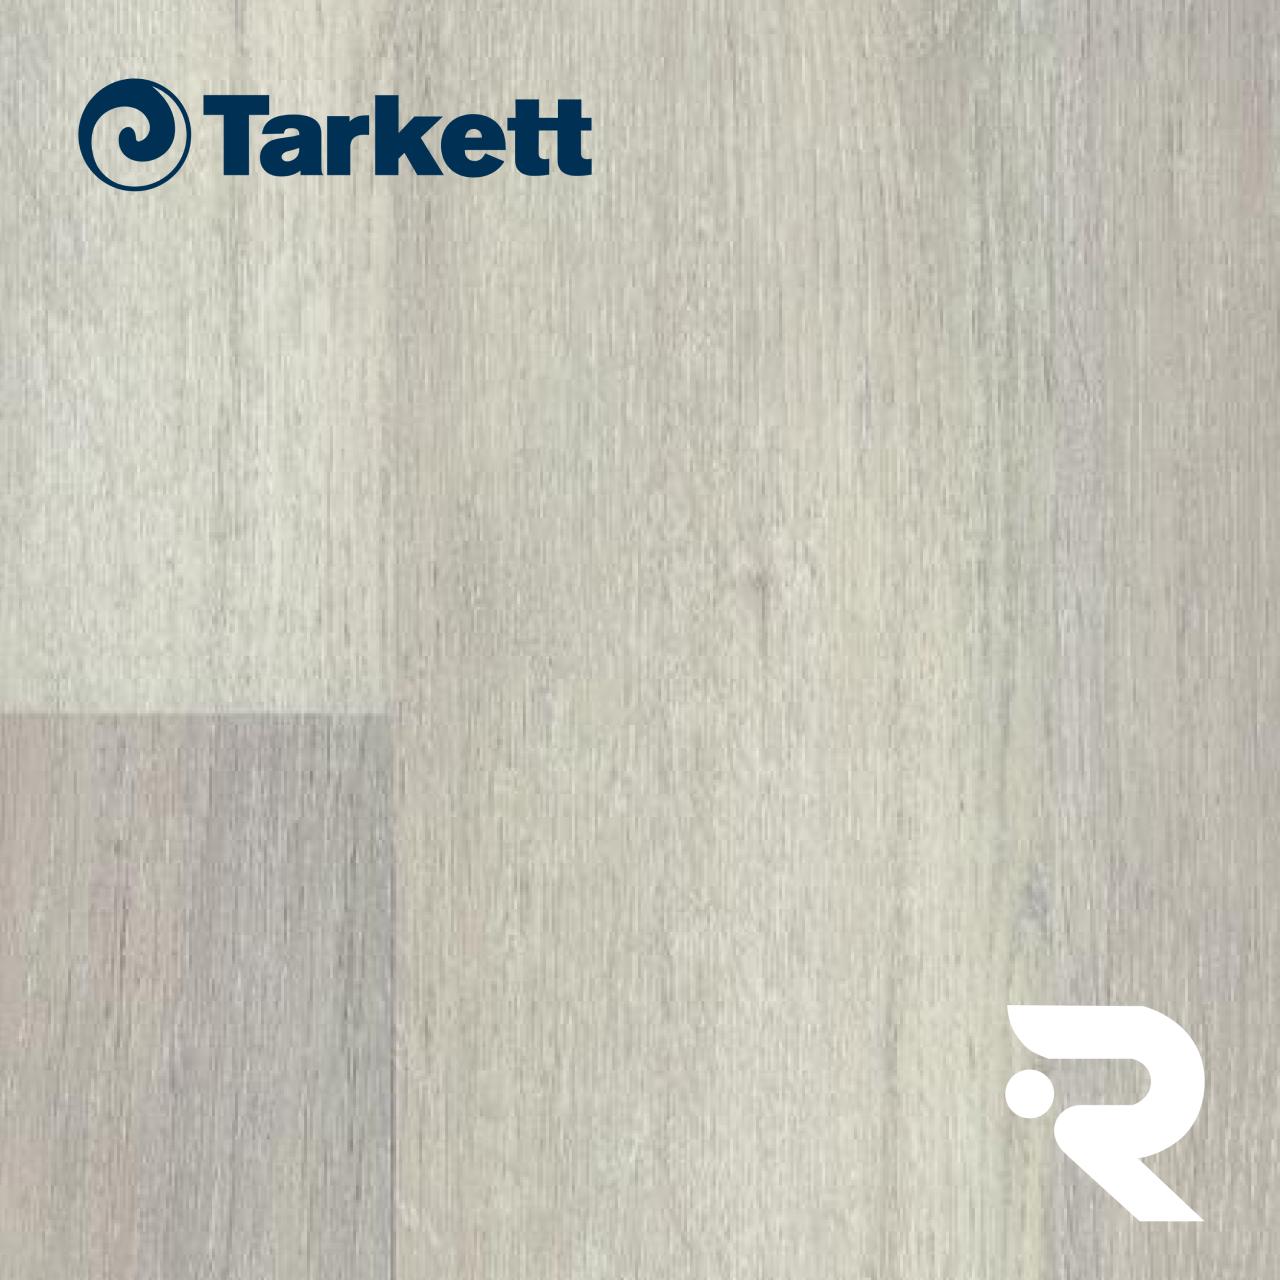 🌳 ПВХ плитка Tarkett NEW AGE - VOLO | Art Vinyl | 914 x 152 мм